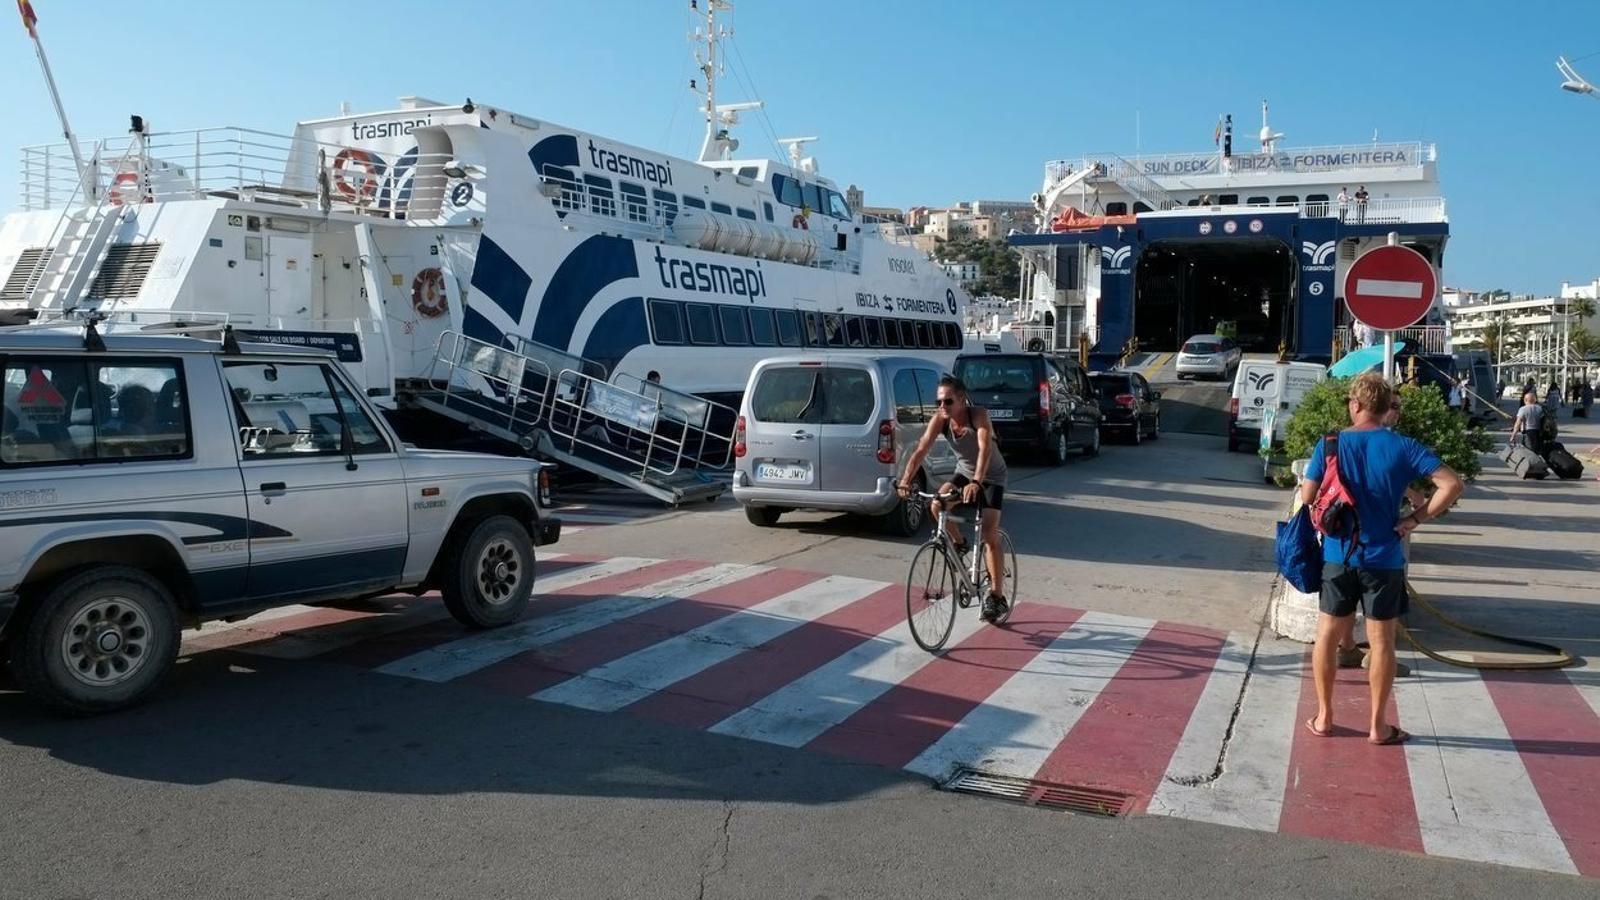 La limitació a Formentera podria ampliar-se a Menorca a judici de les empreses de lloguer de vehicles.